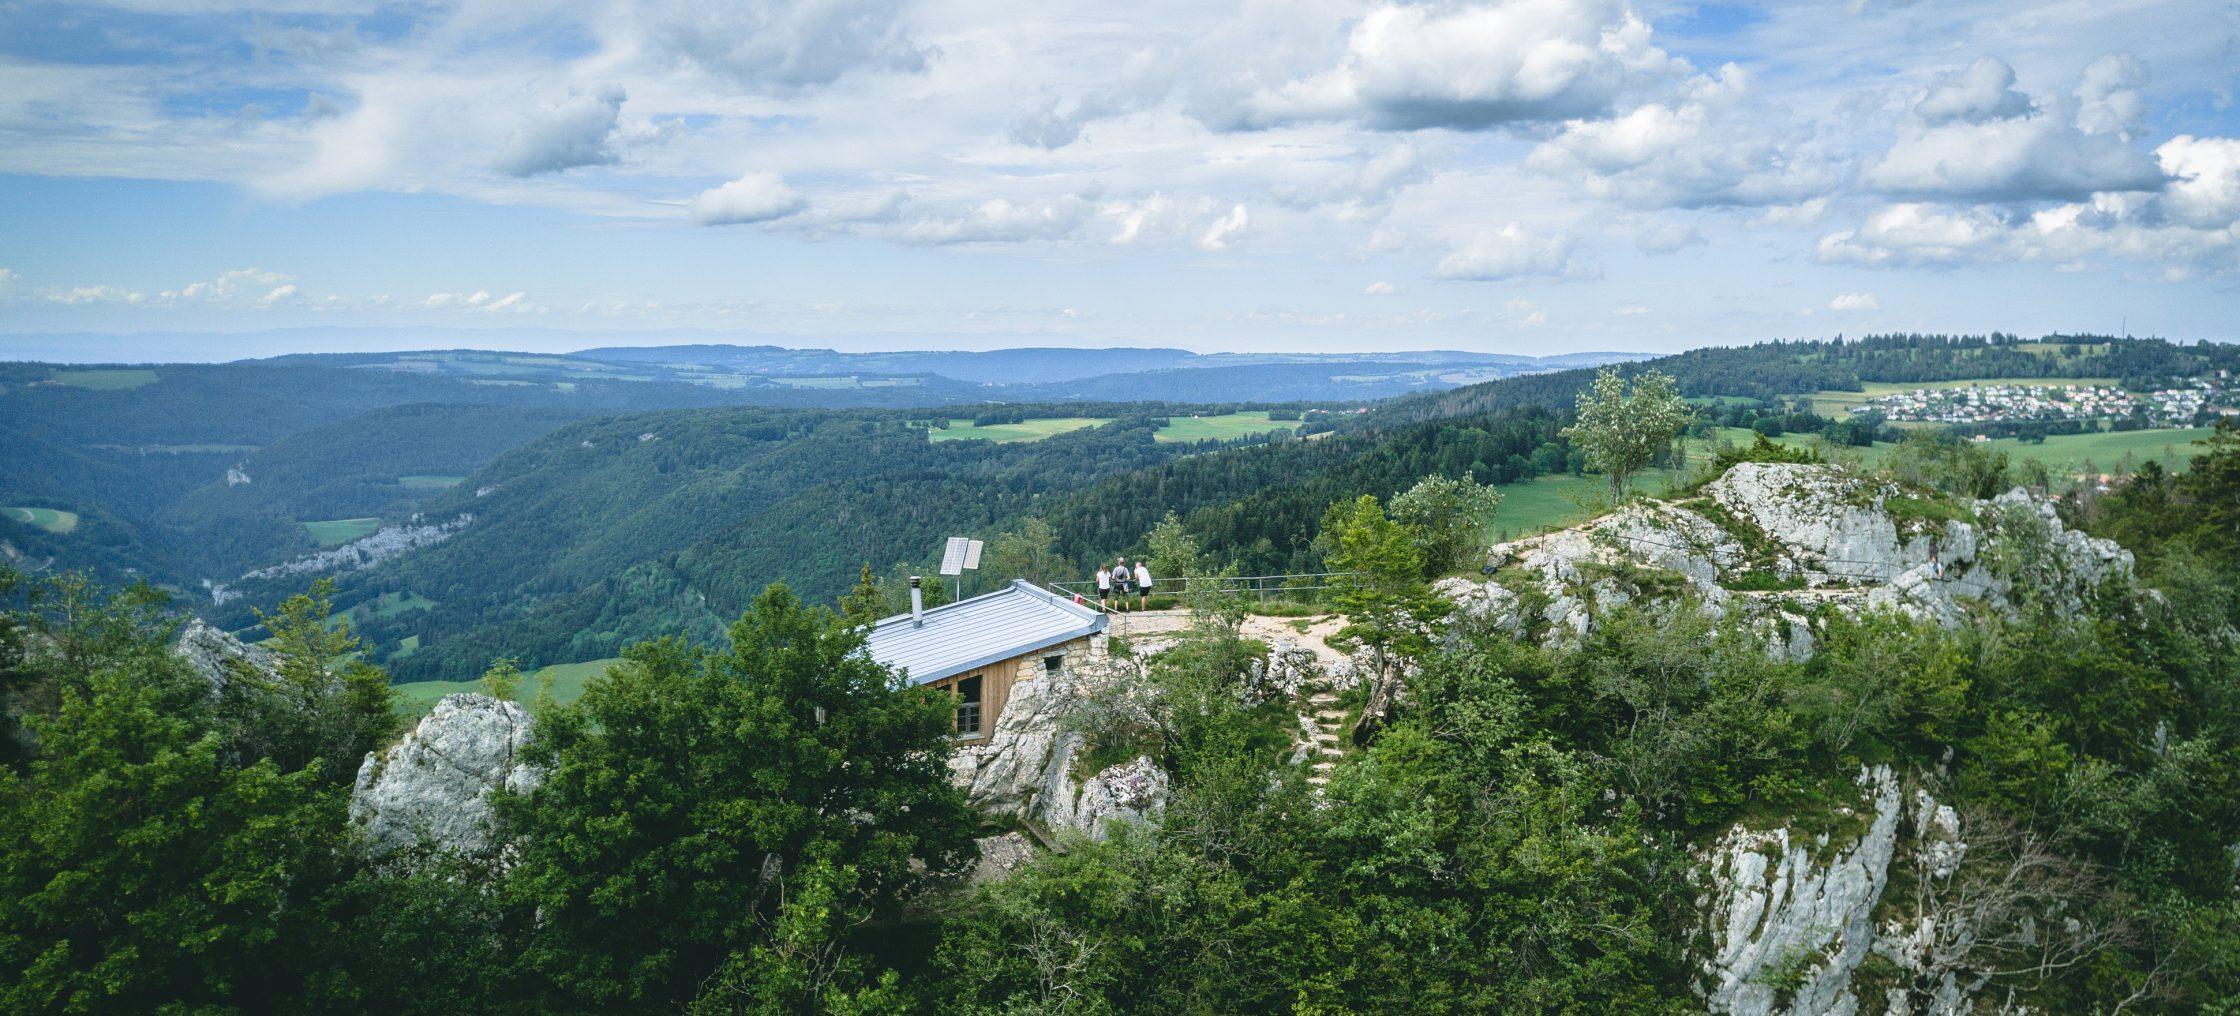 Zwei Männer und eine Frau am Aussichtspunkt vom Naturpark les Sommetres, Wald und Felswand - Wandern Jura